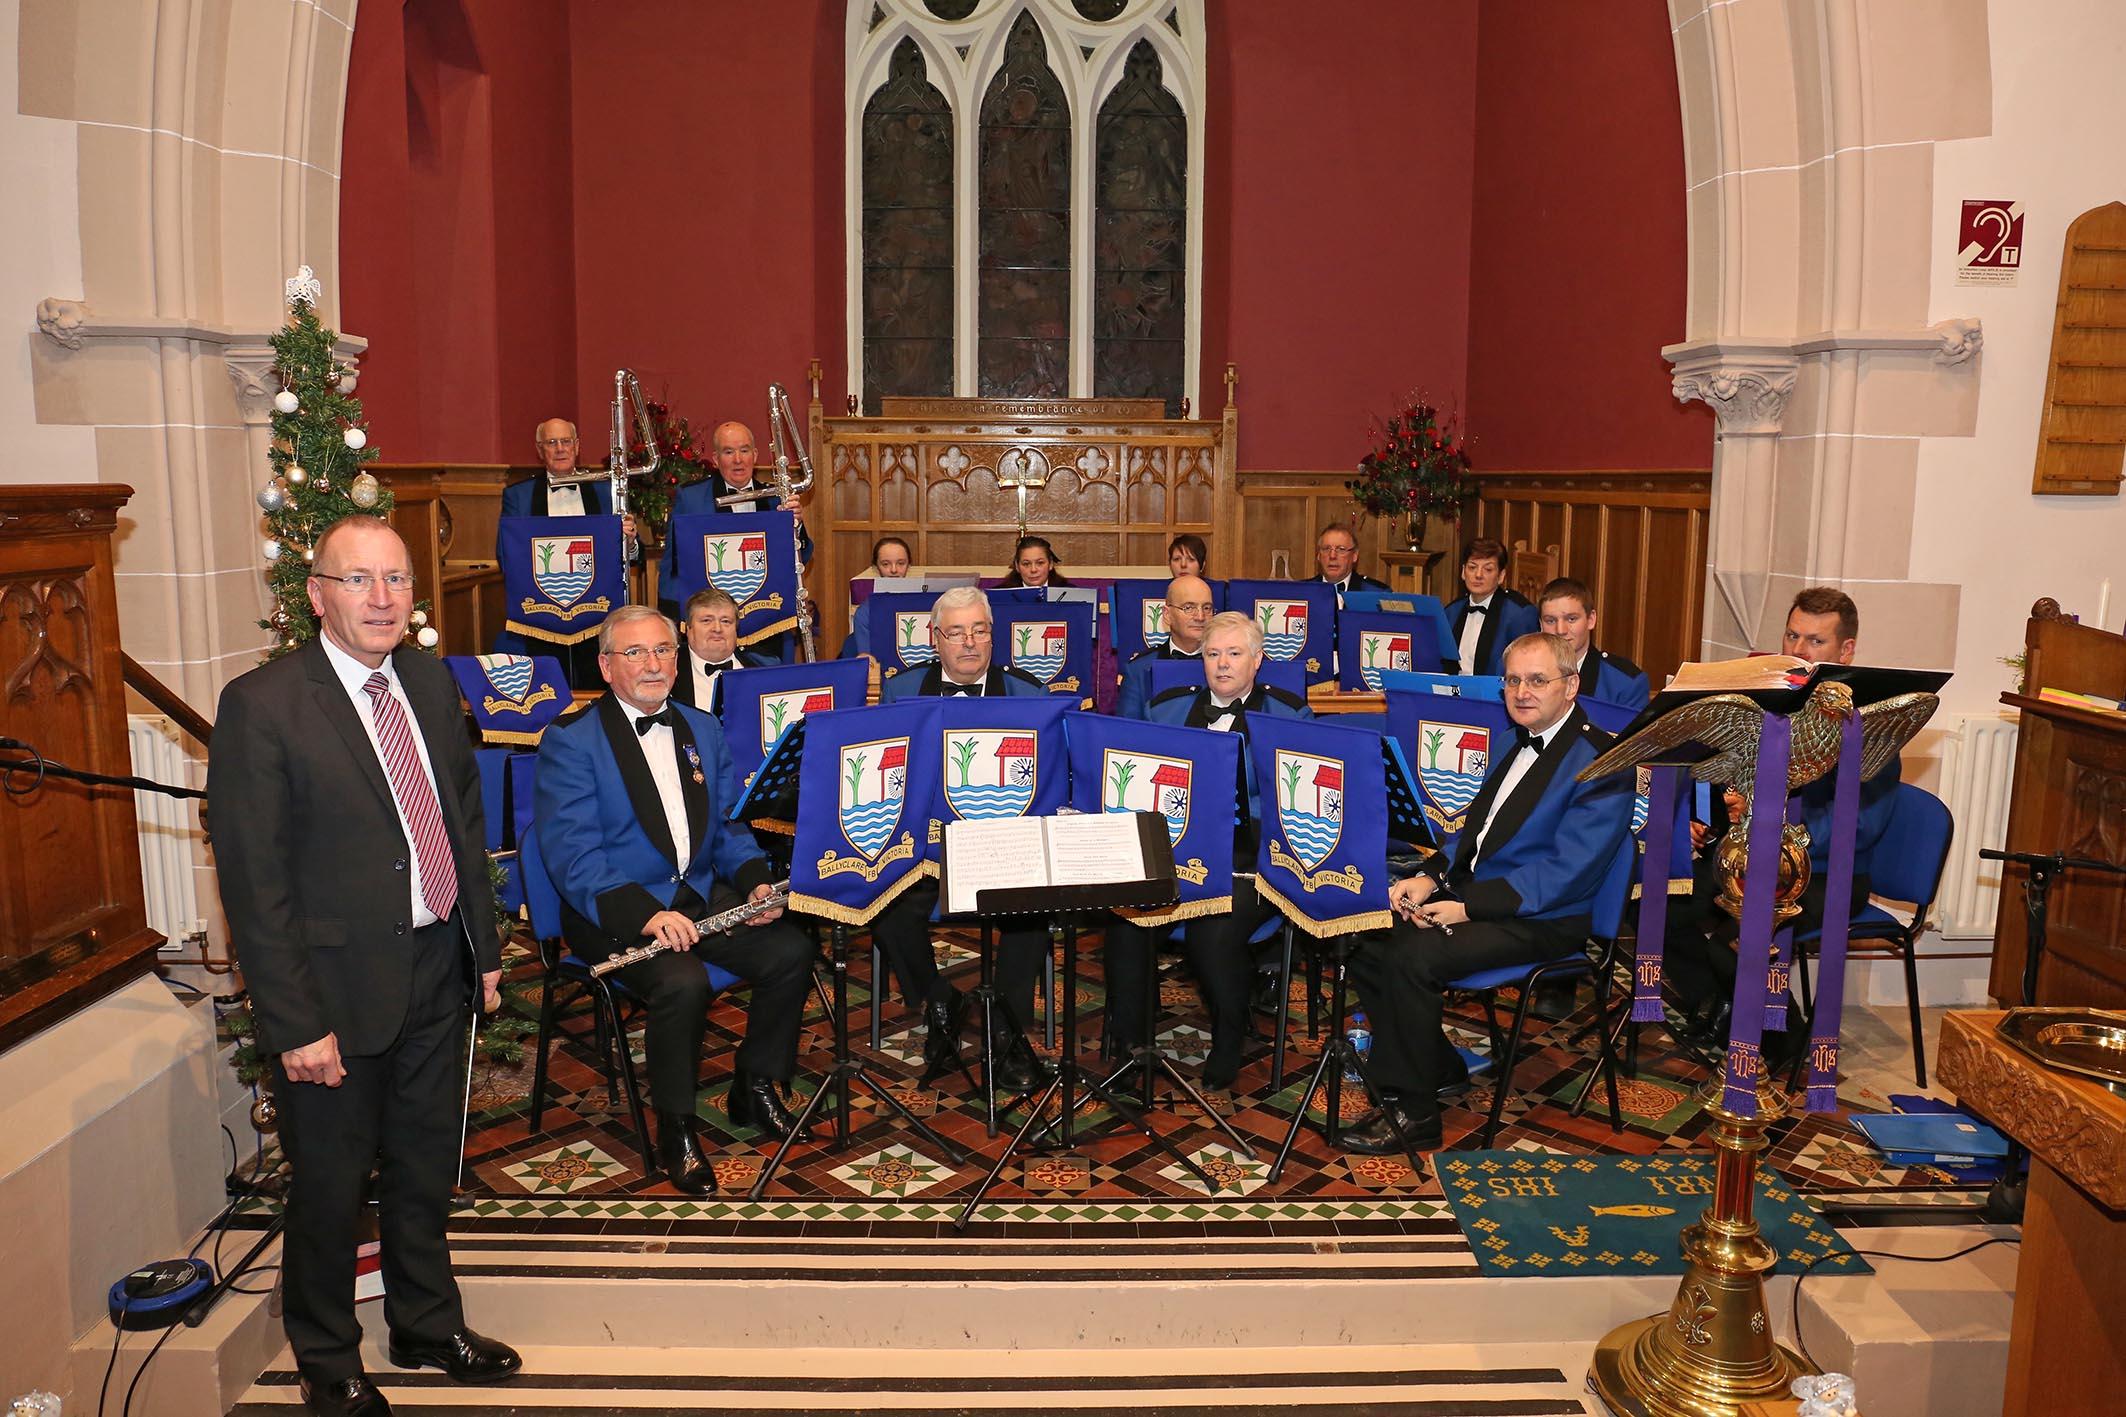 Ballyclare Victoria Flute Band 2016